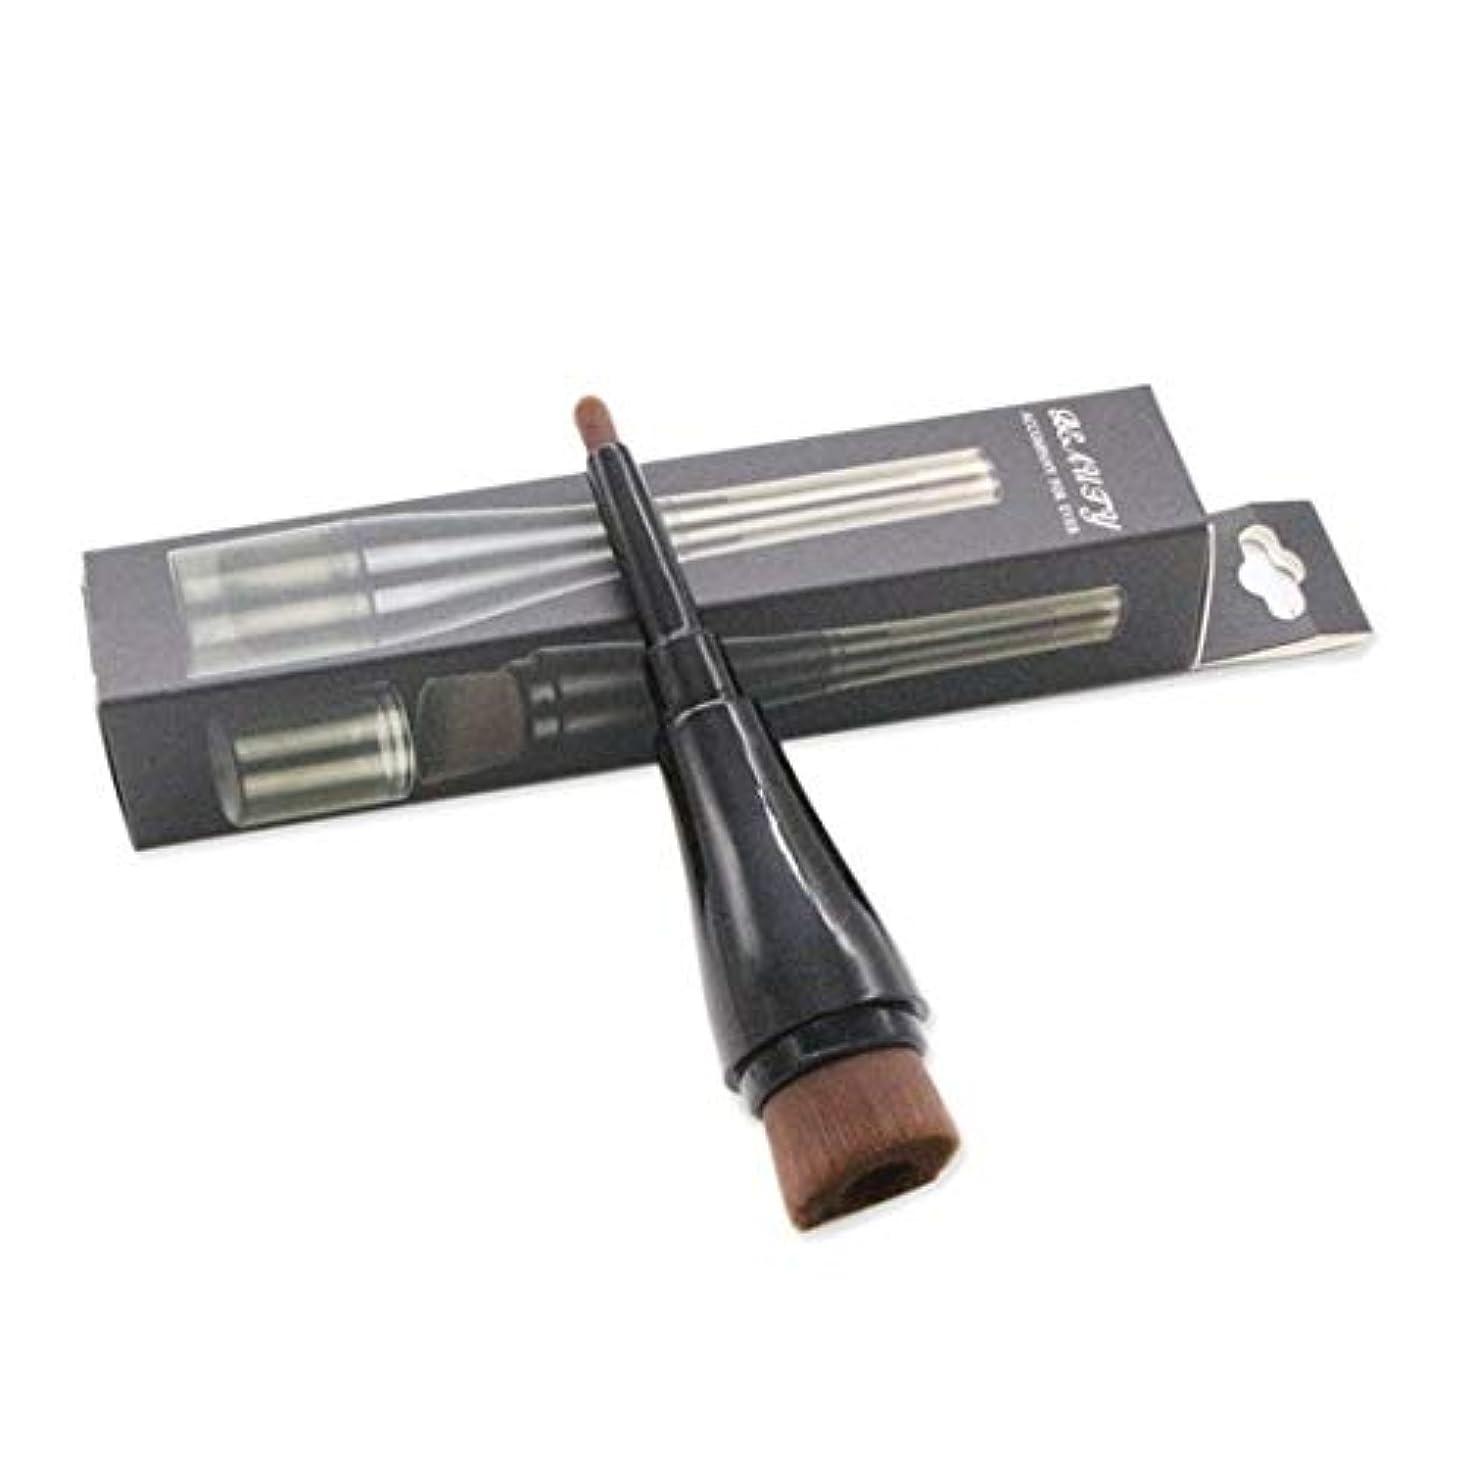 六許す対抗Makeup brushes ダブルヘッド化粧ブラシ旅行財団ブラシアイシャドウブラシ修理容量コンシーラーカバー付き suits (Color : Black)